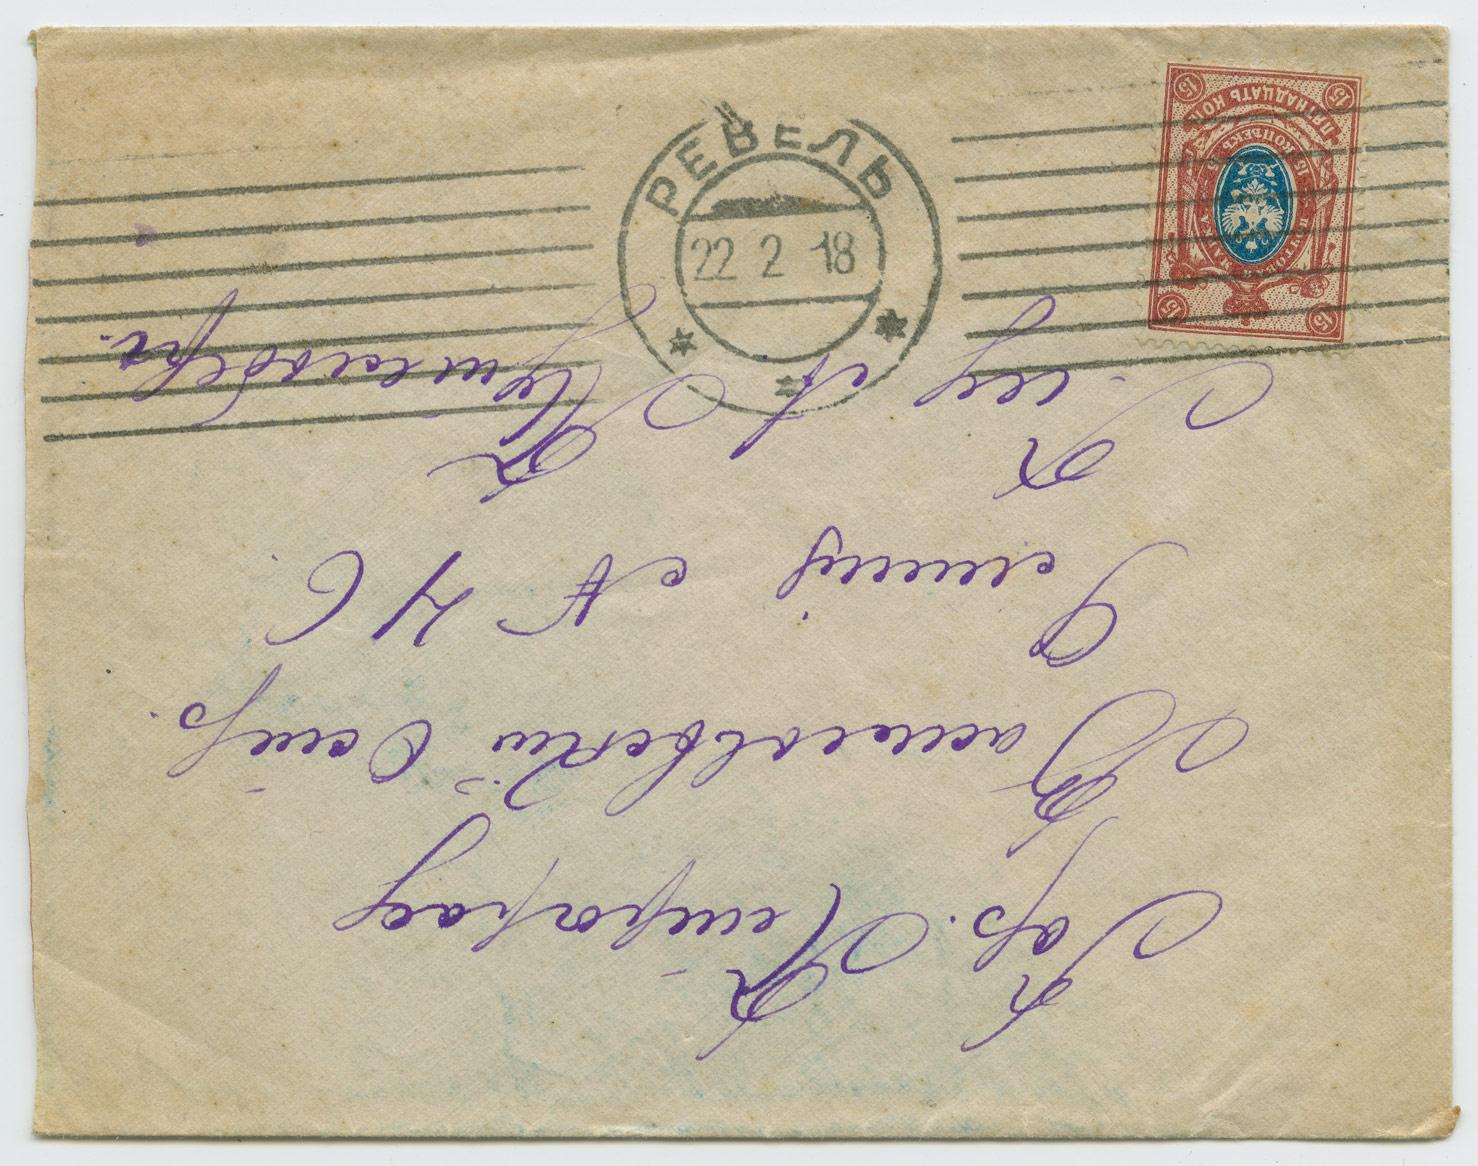 1194a-Krag-masintempel-Tallinn-Petrograd-veebruar-1918-postiajalugu-ee